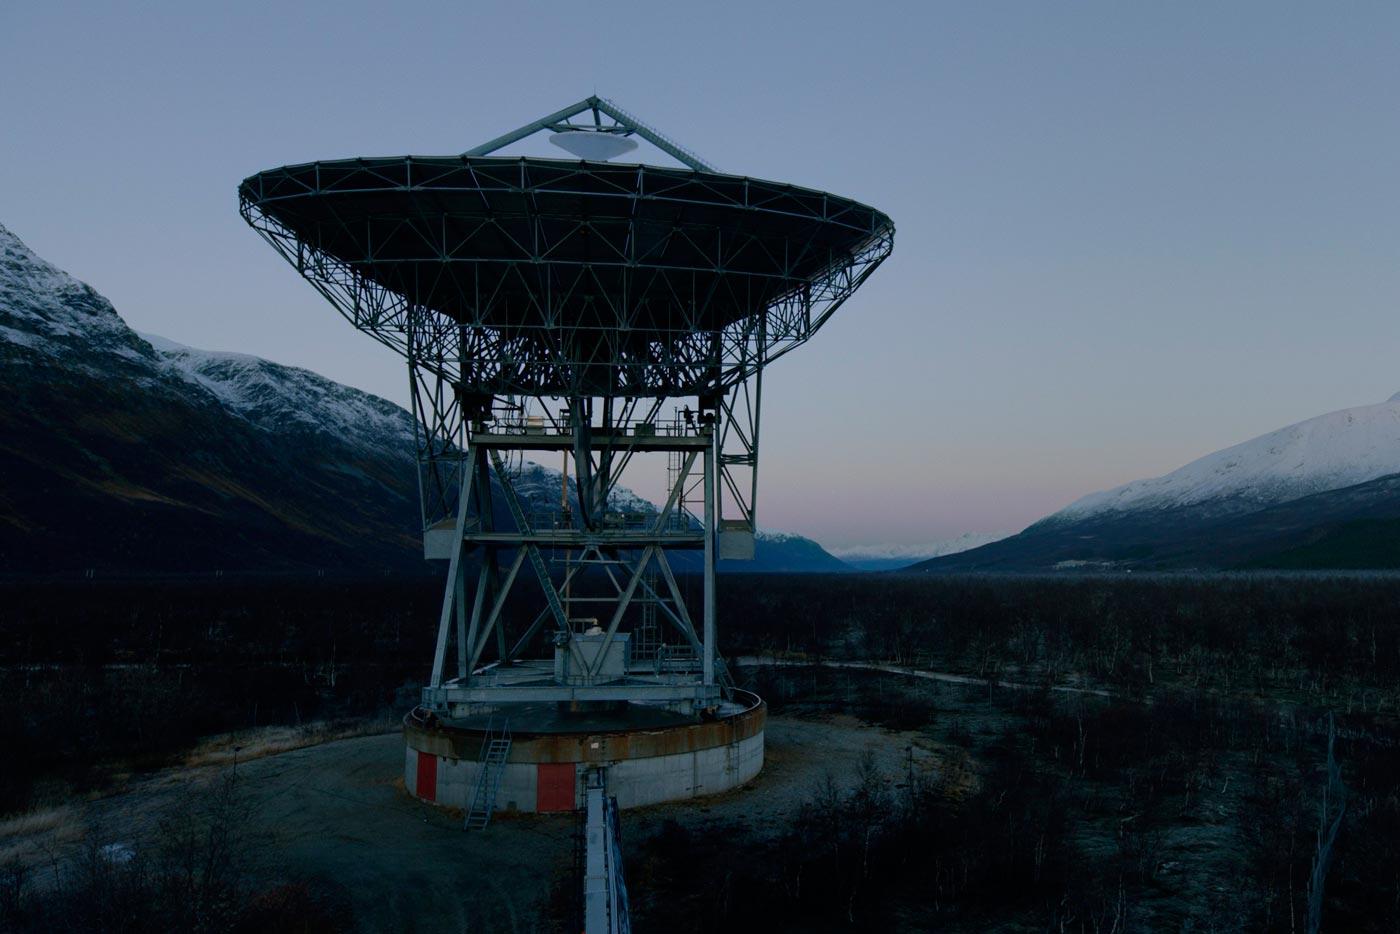 Sónar celebra sus 25 años con una llamada a la inteligencia extraterrestre